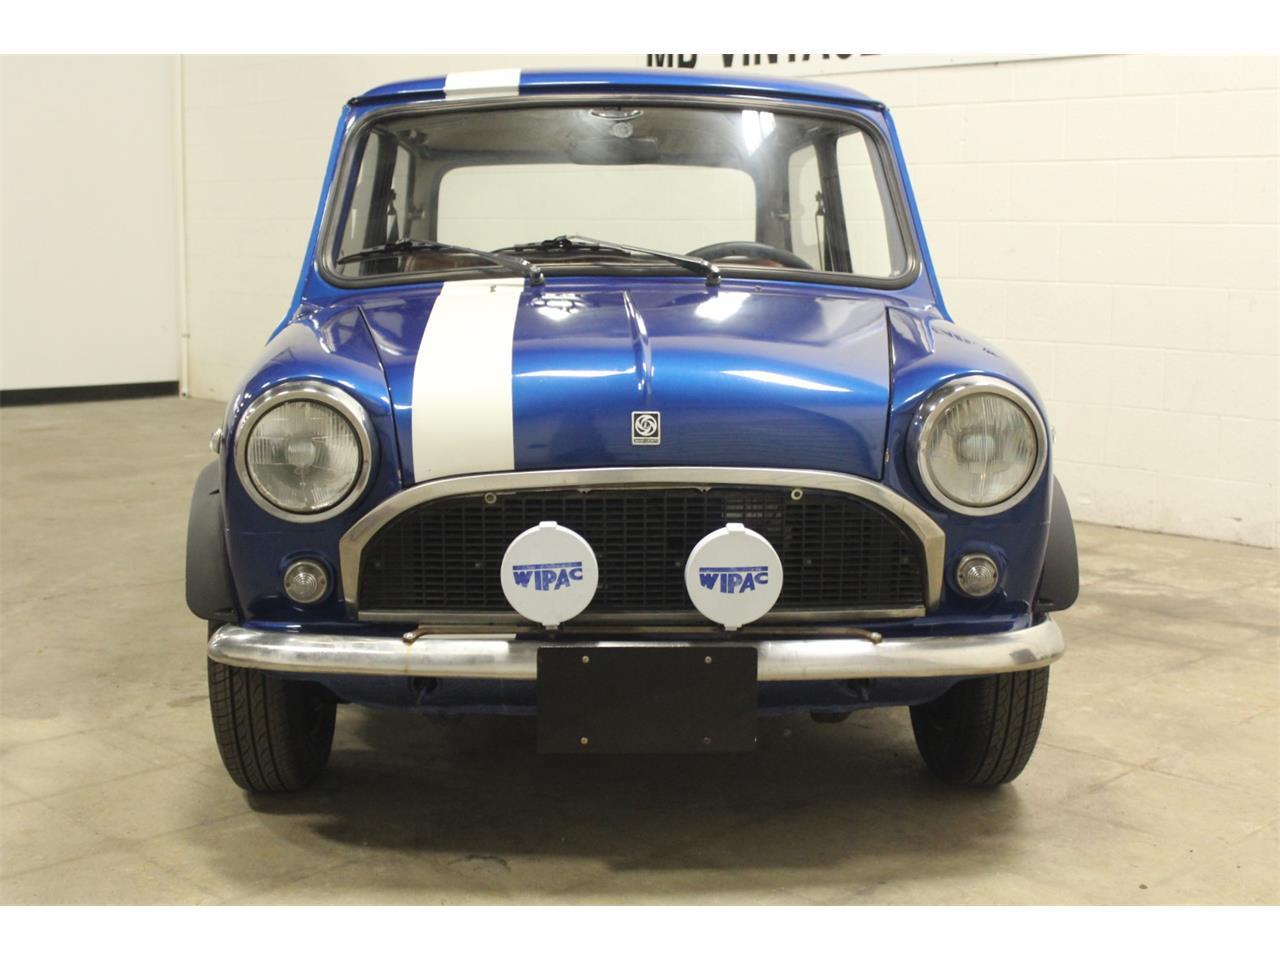 1974 MINI Innocenti (CC-1233959) for sale in Cleveland, Ohio